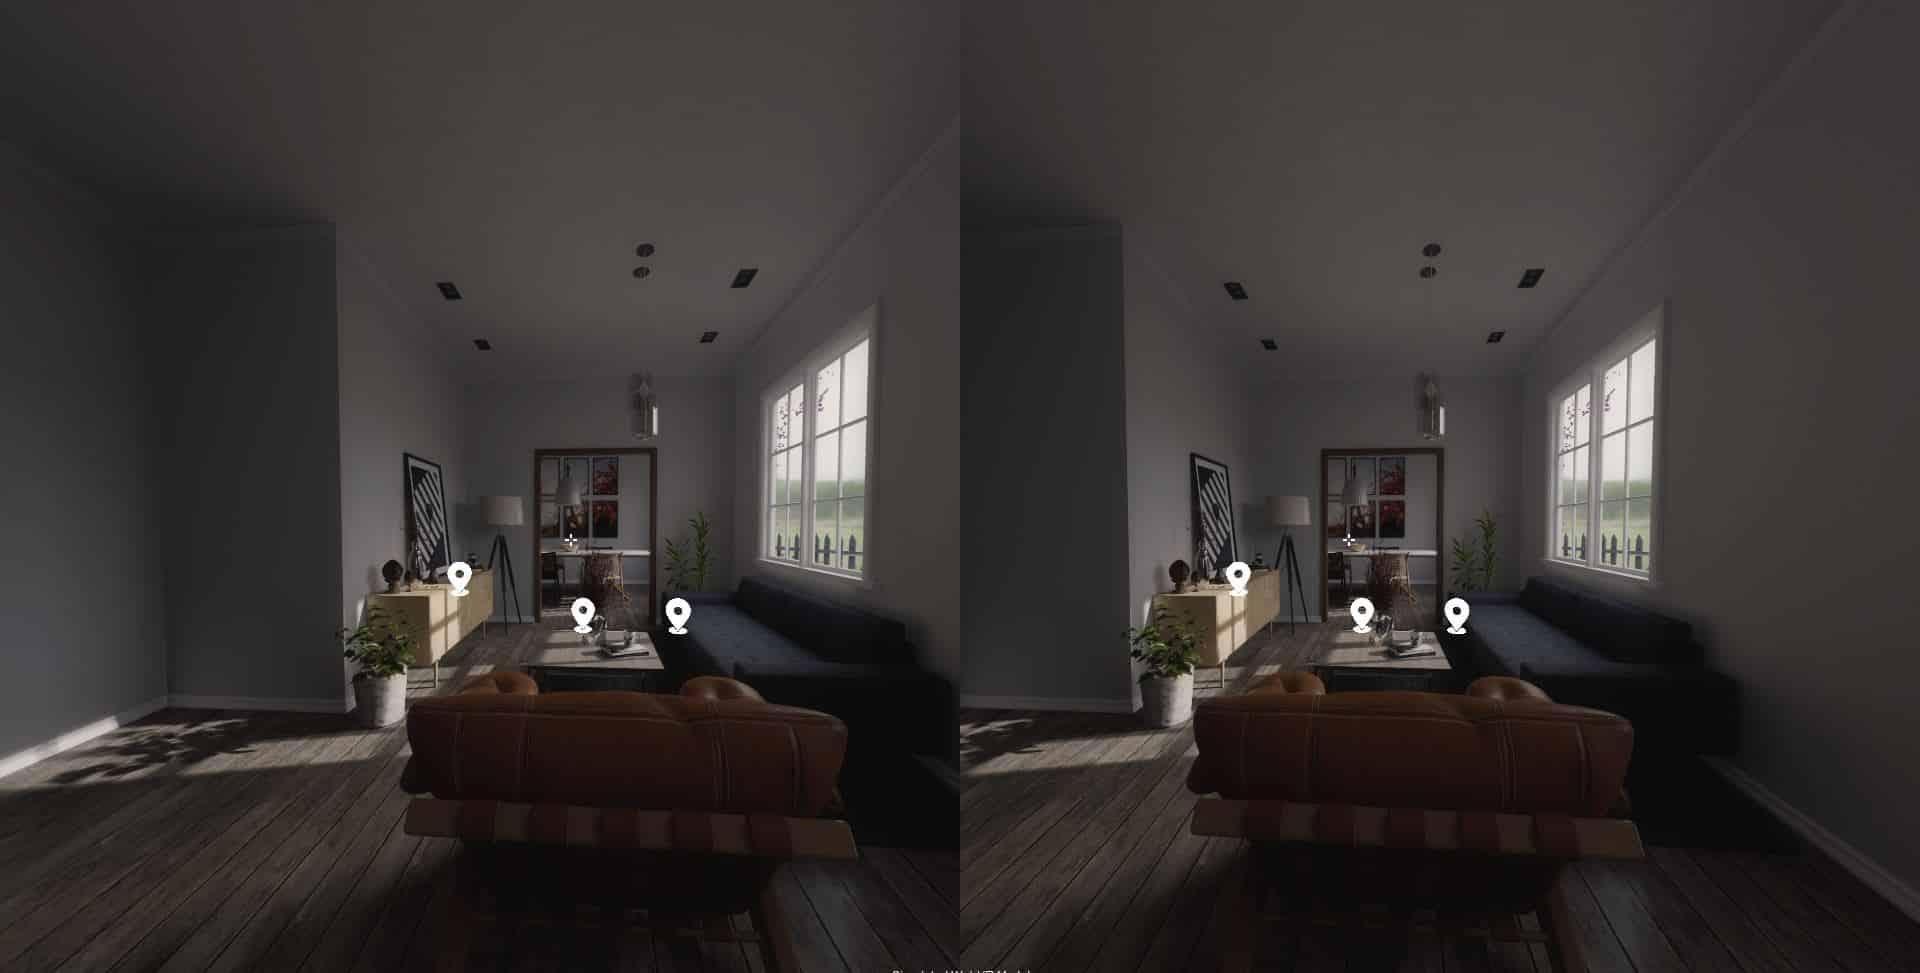 D5 Render passeio virtual - D5 Render - nova solução para renderizações de alto nível com Ray Tracing